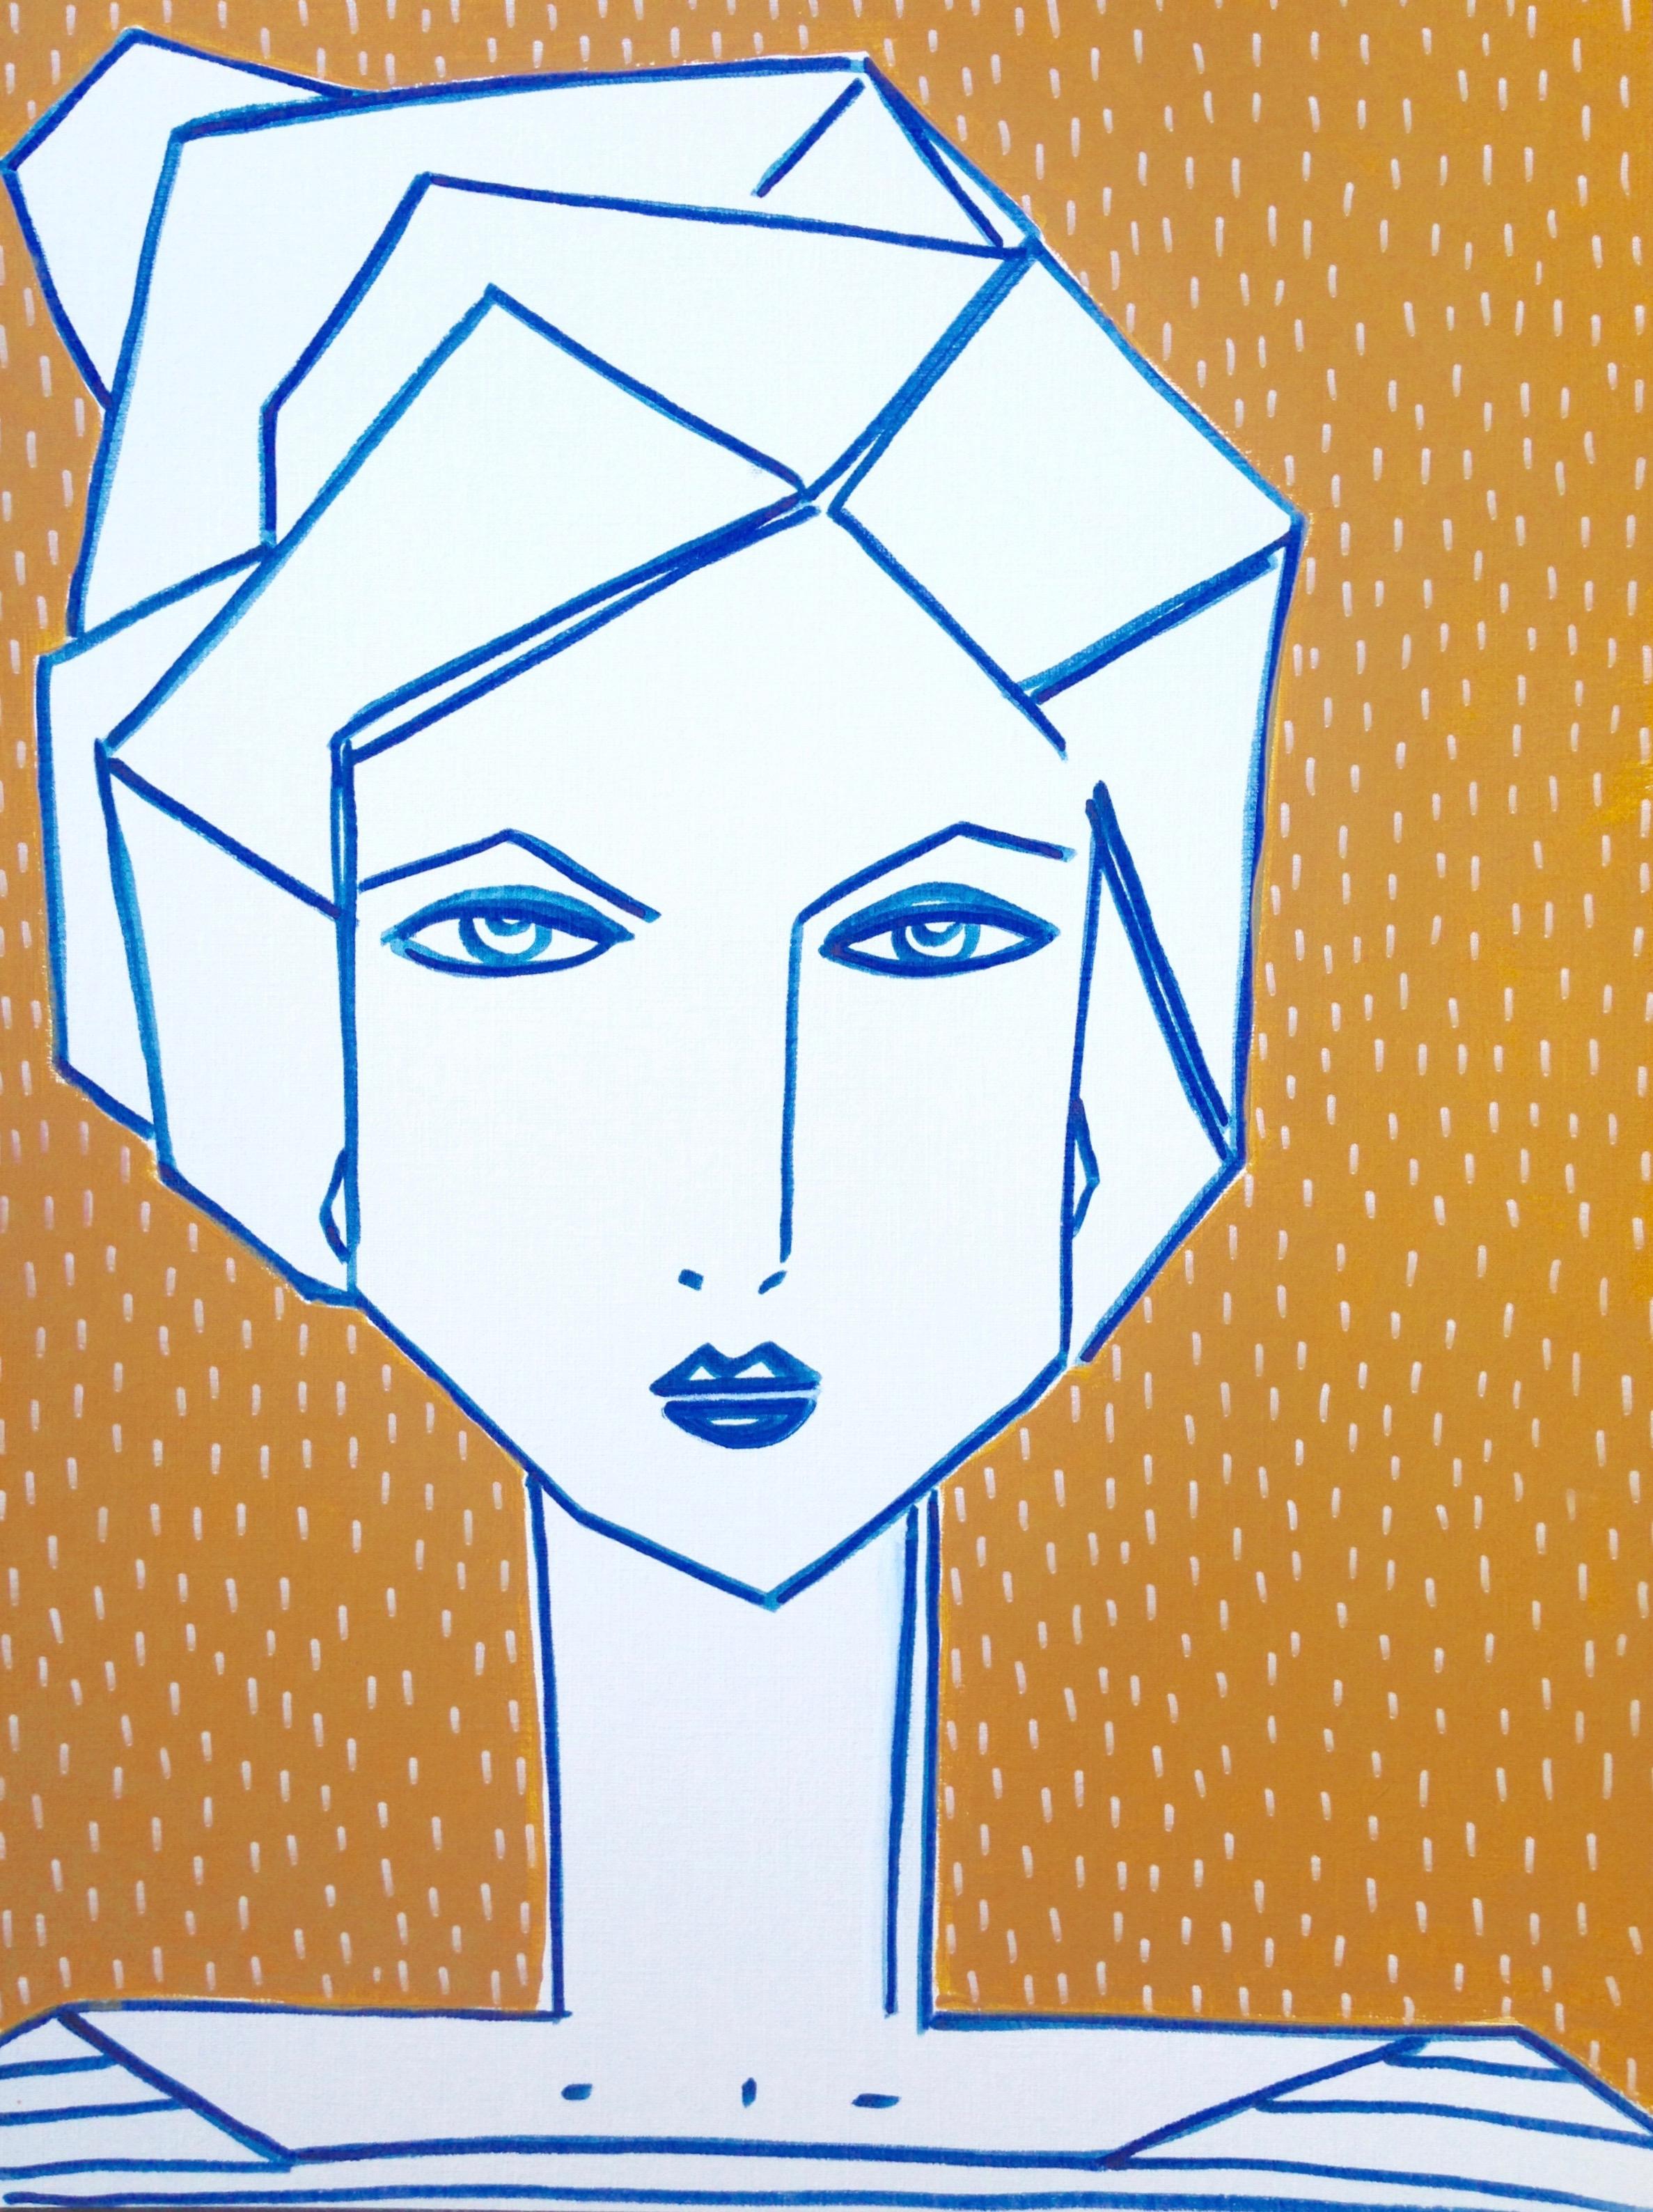 Antonia-Master-2388x3195.jpg